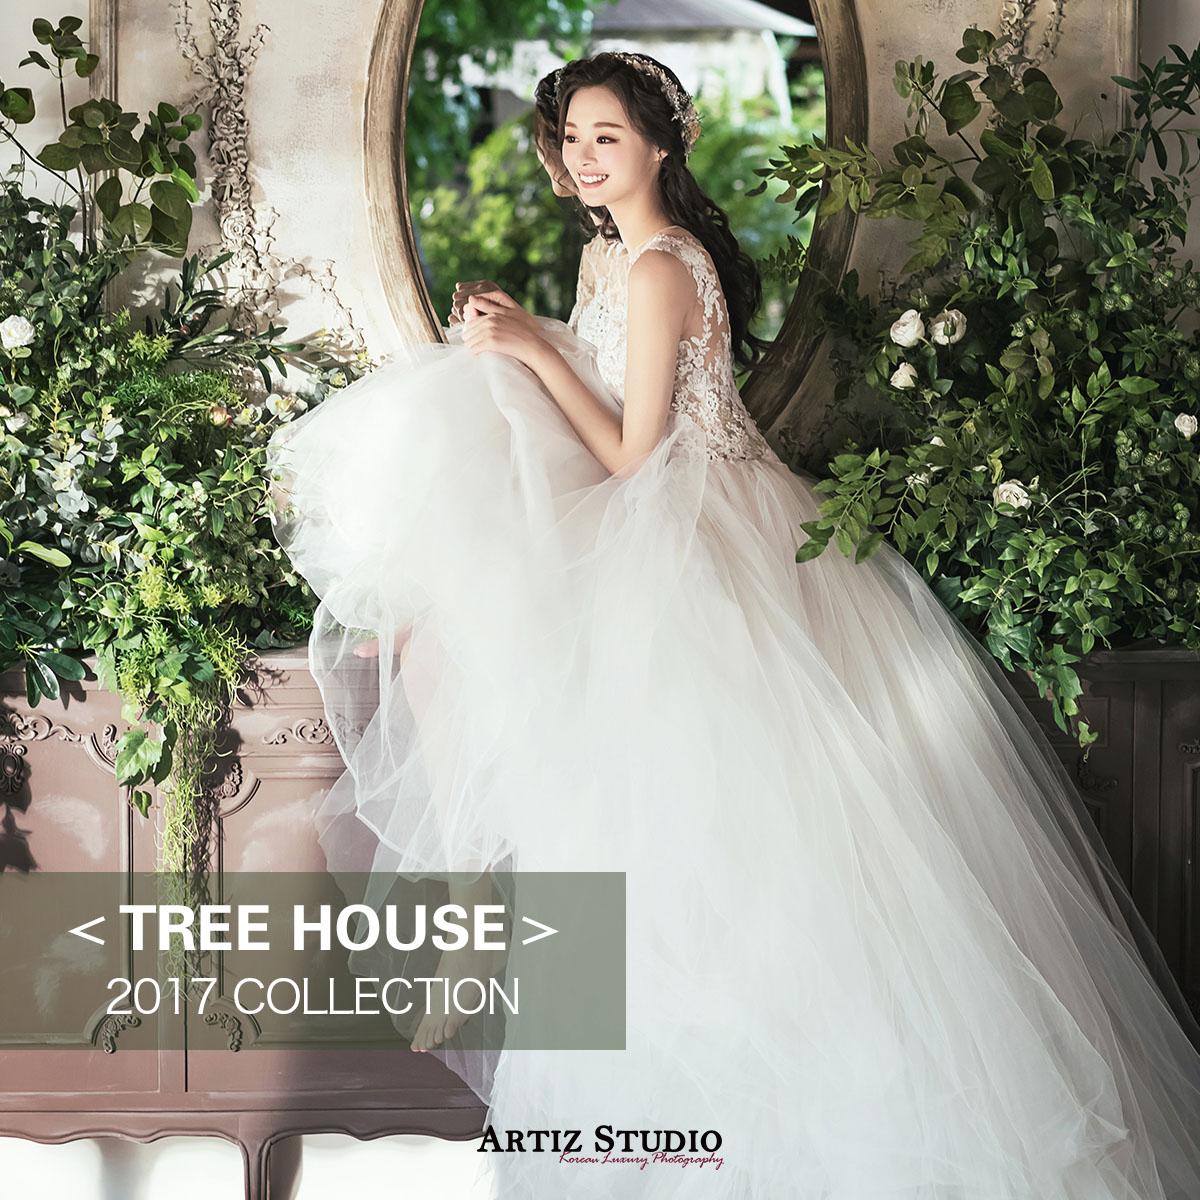 TREE HOUSE 系列